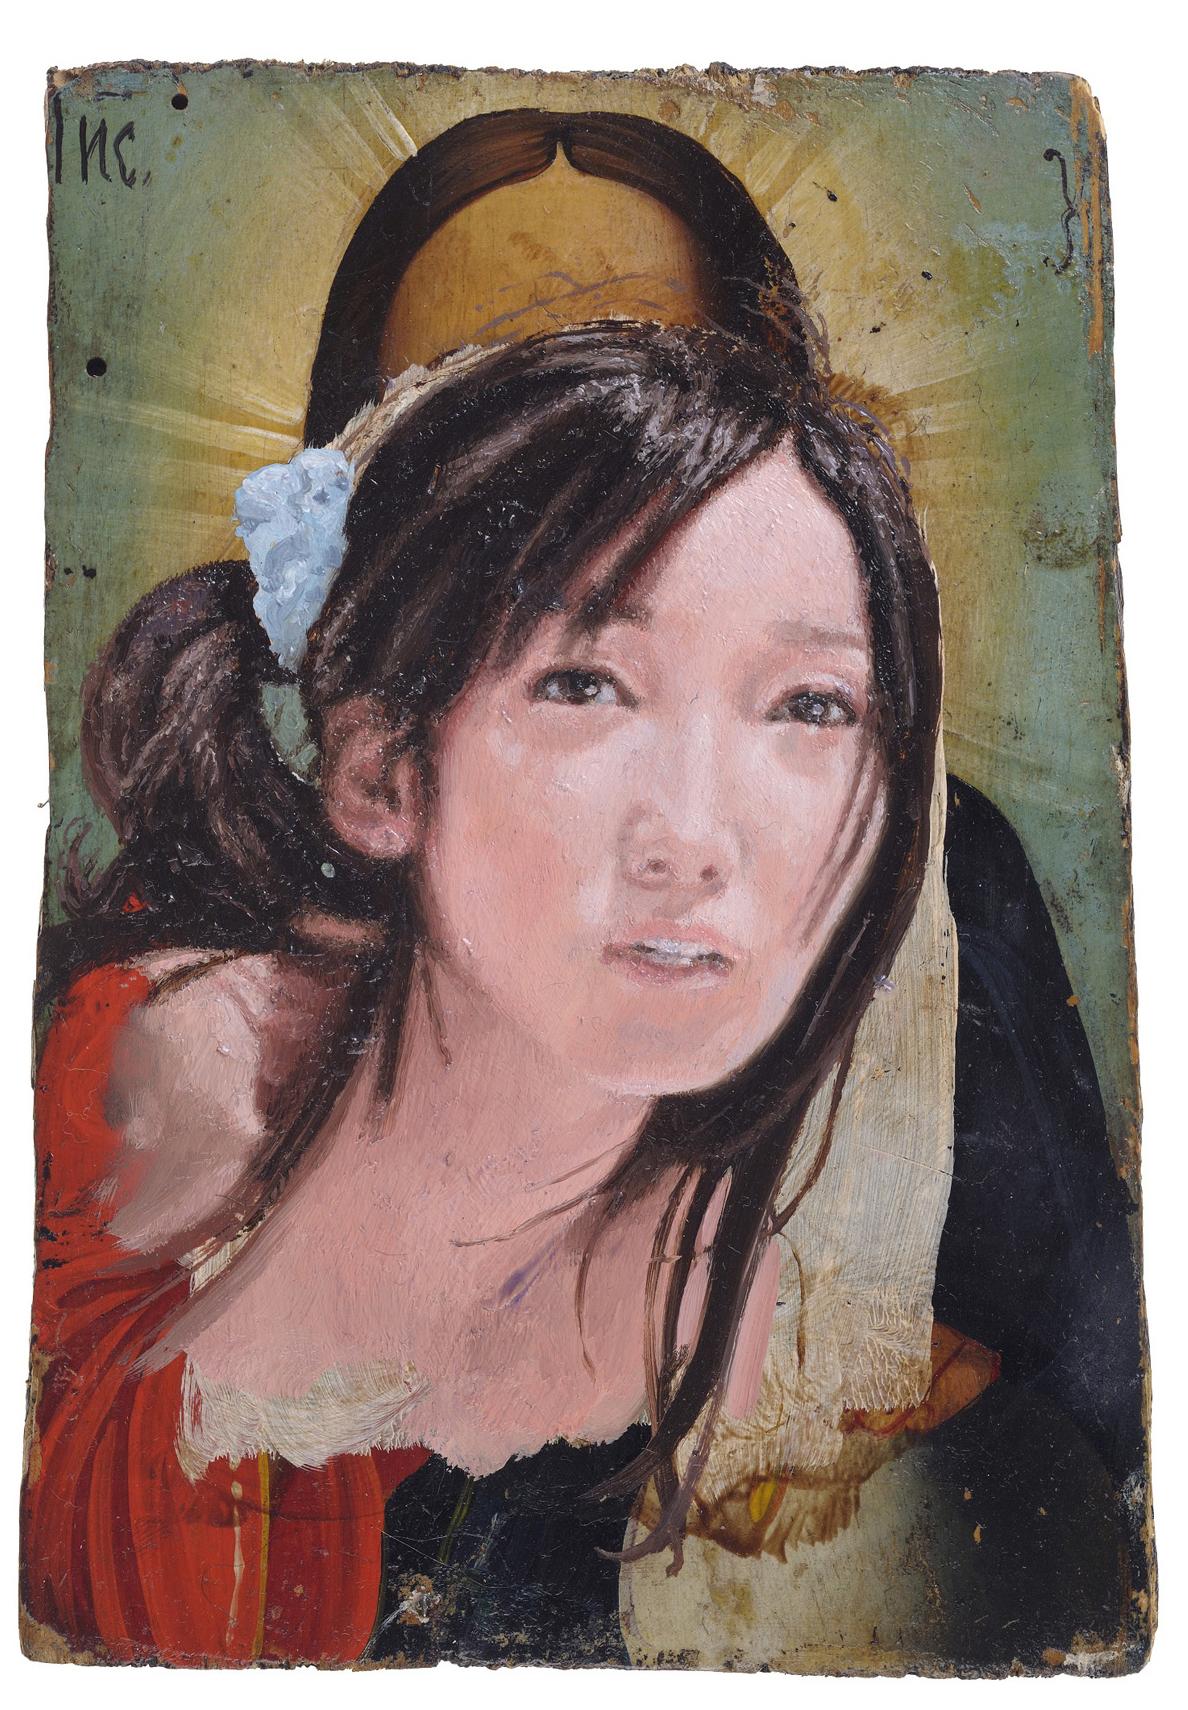 Miyu Uehara (1987?011) Miyu Uehara (1987?011) new photo